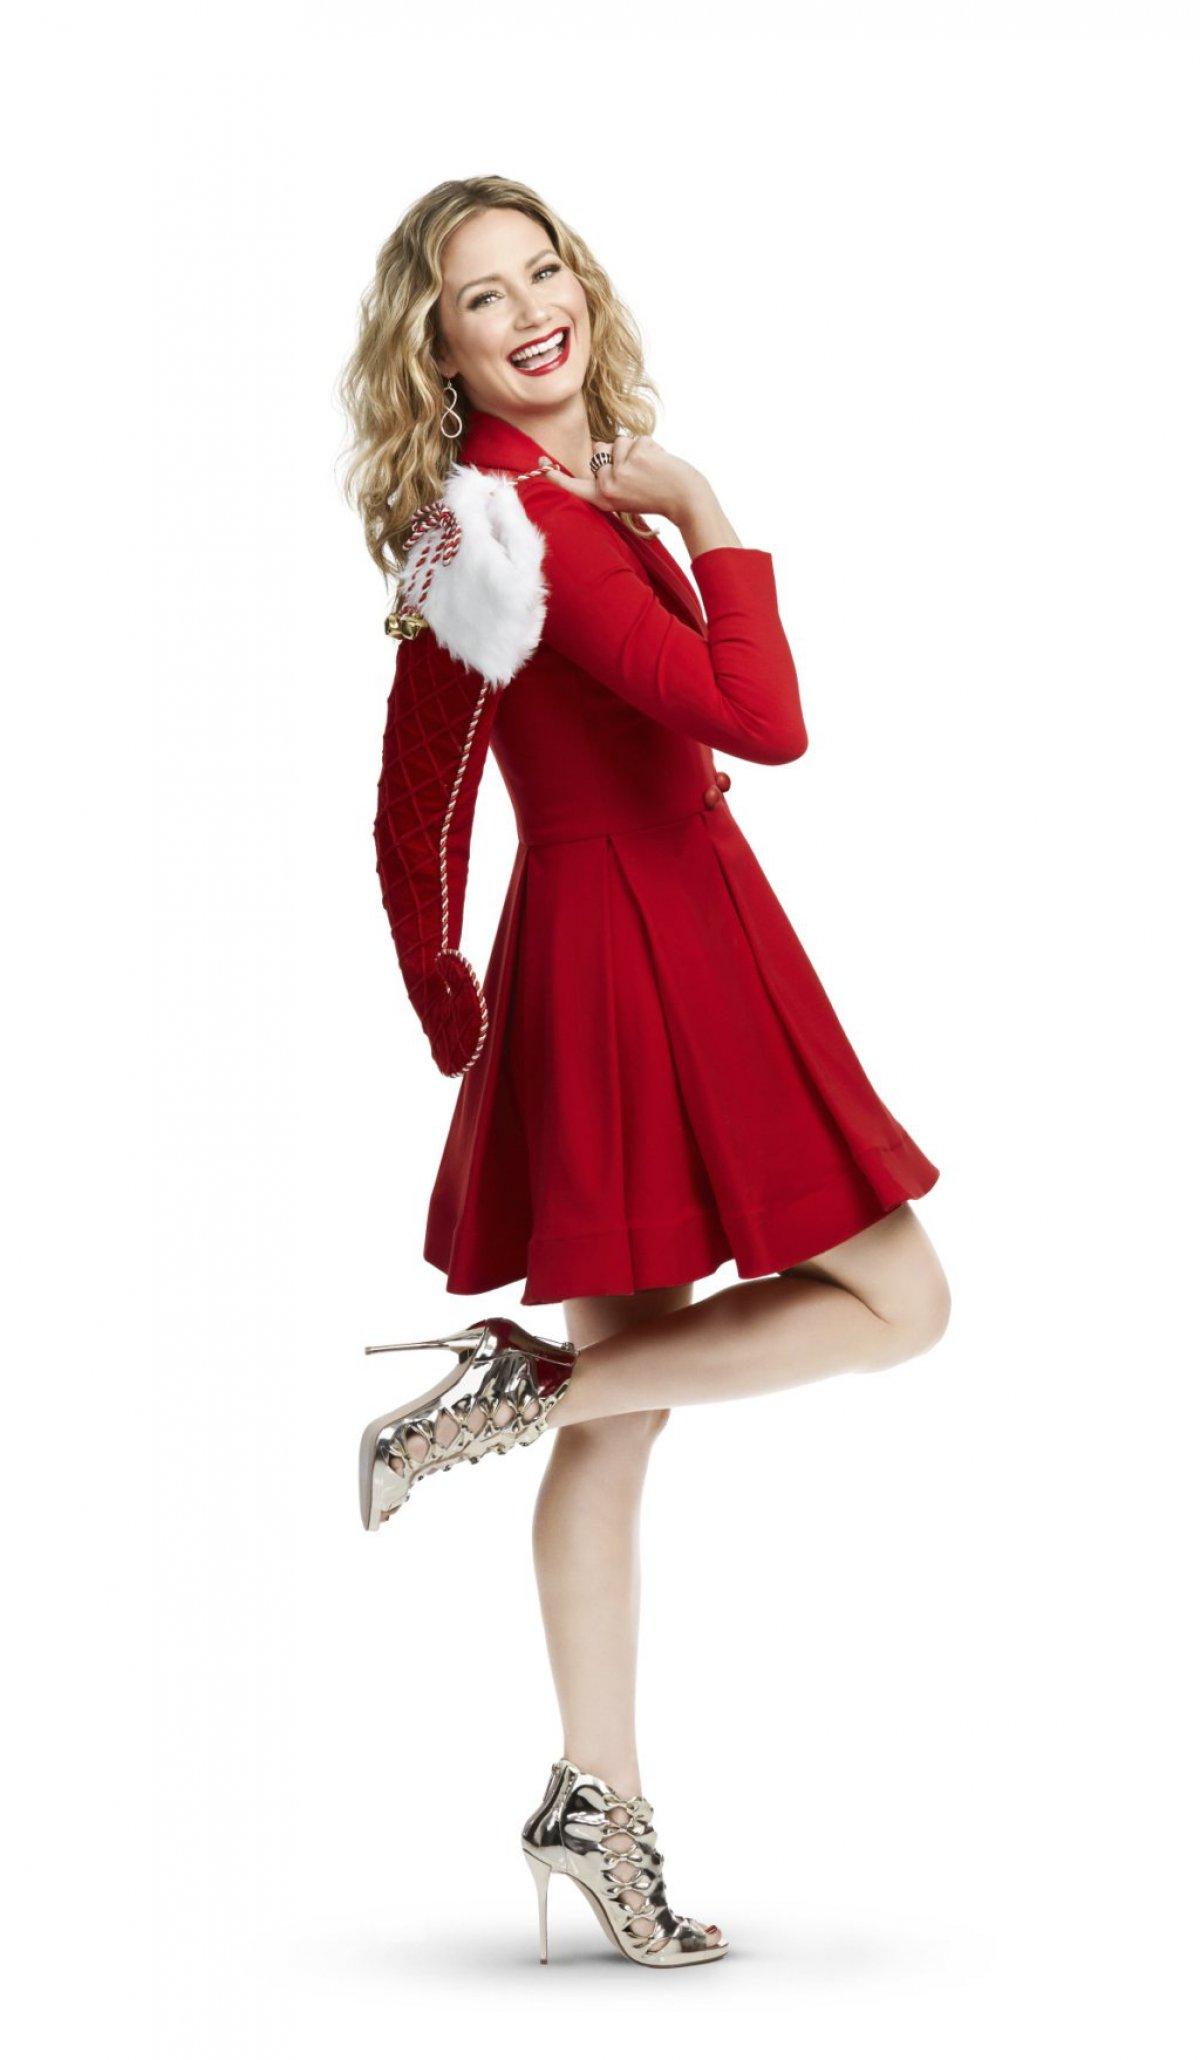 photo credit cma country christmas - Cma Country Christmas